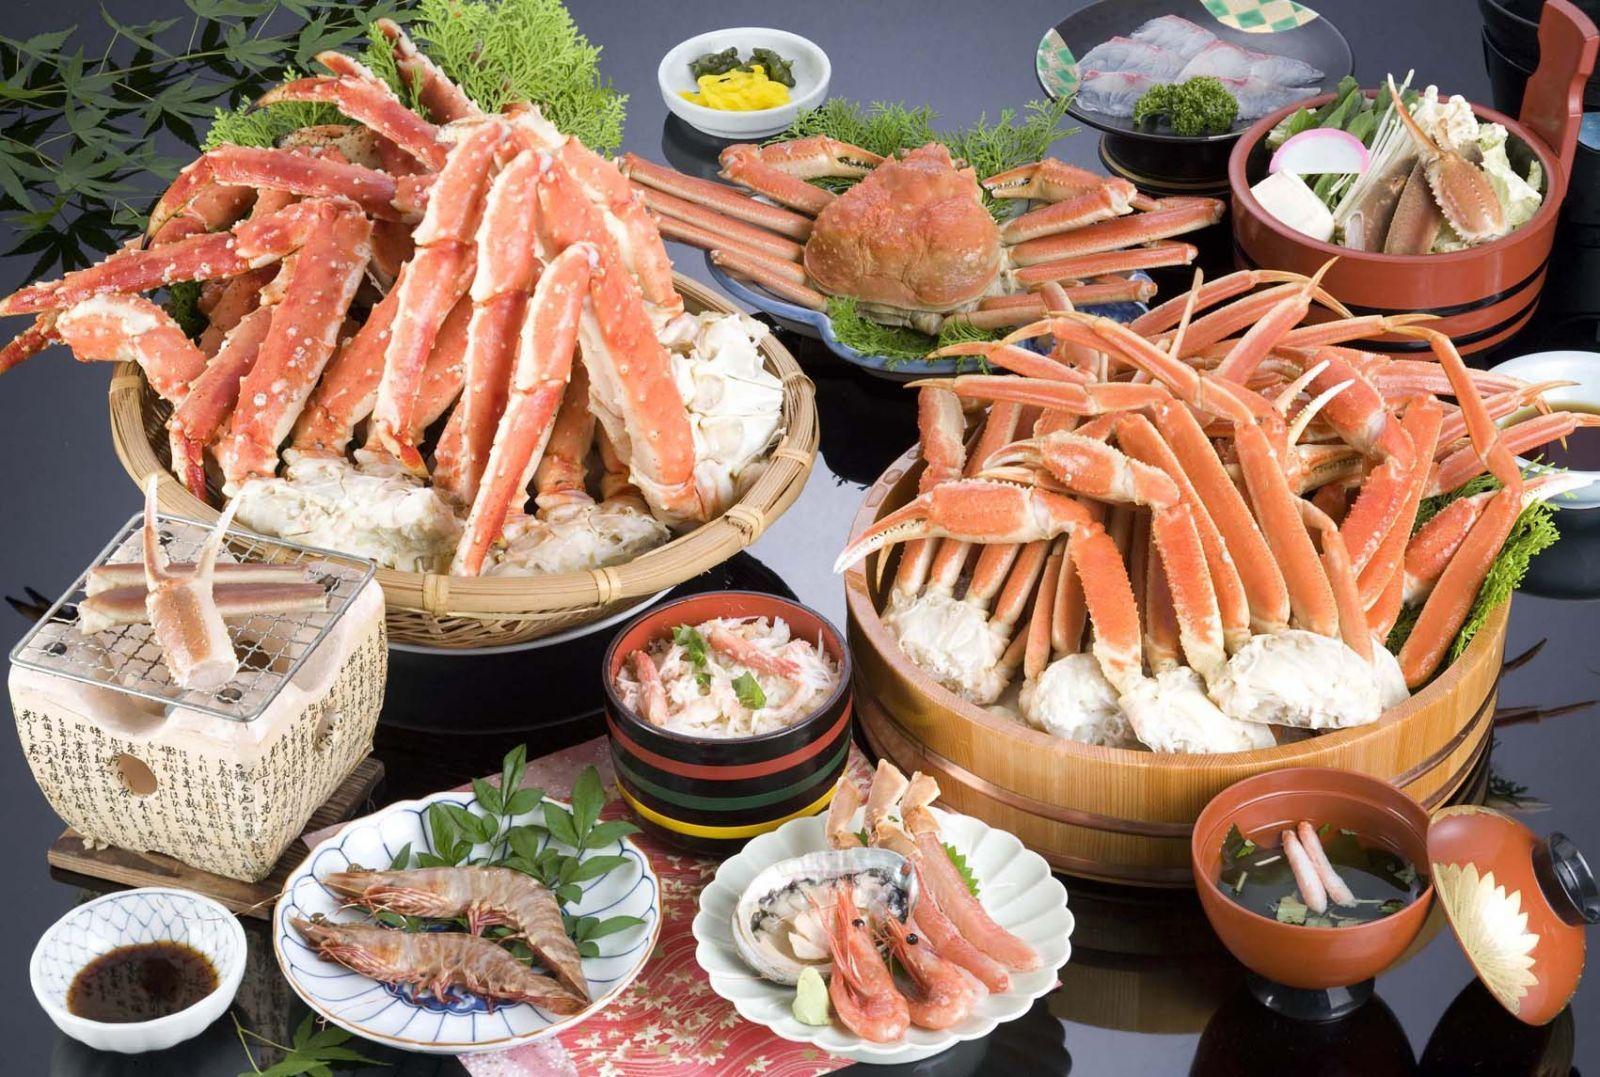 Khám phá ẩm thực Phú Quốc ngon lạ đến không ngờ